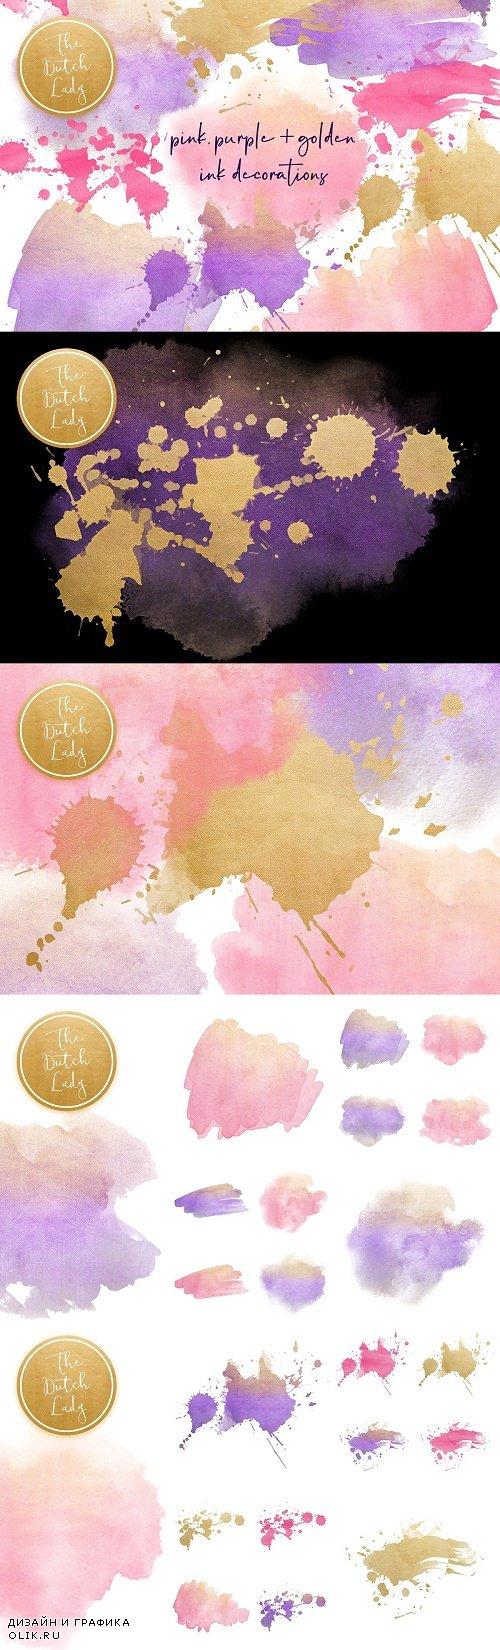 Ink & Paint Decorations Clipart Set - 3998047